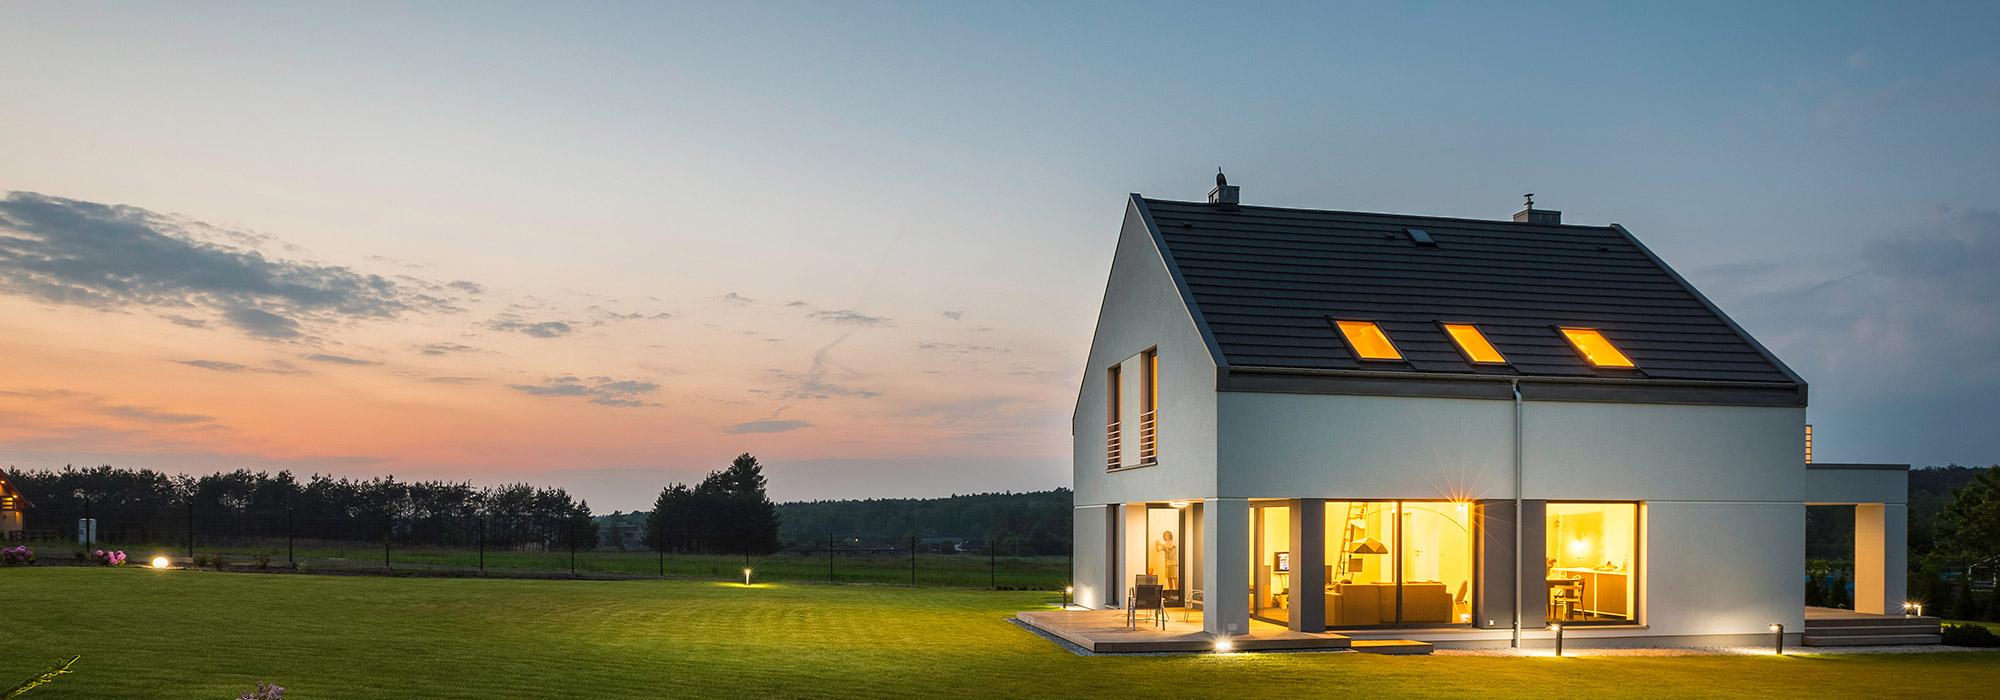 finanzierung finanzkontor plautz. Black Bedroom Furniture Sets. Home Design Ideas